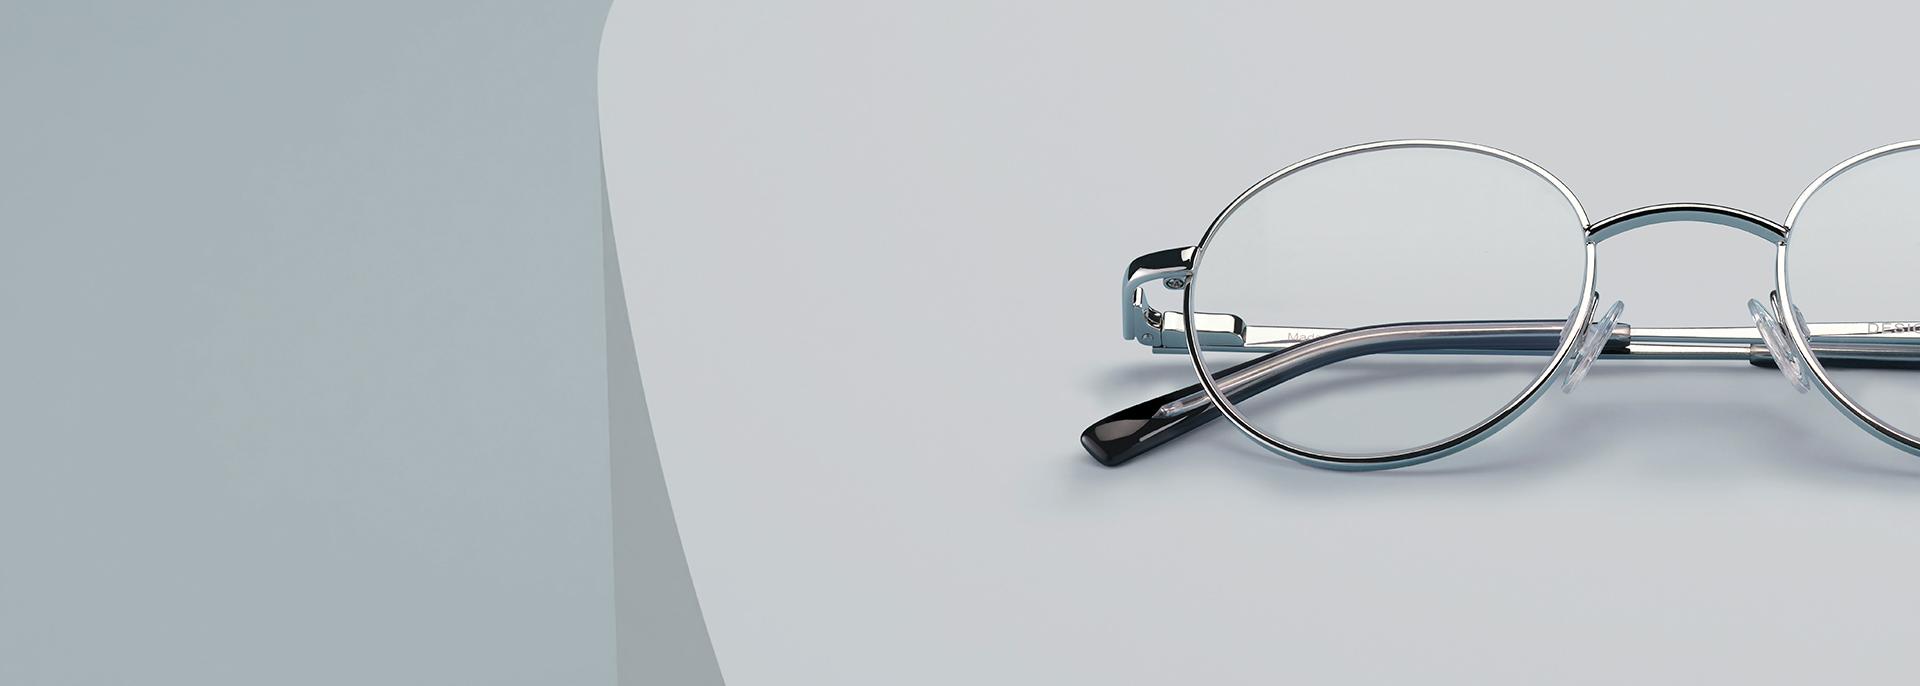 Verträglichkeitsgarantie bei Smarteyes